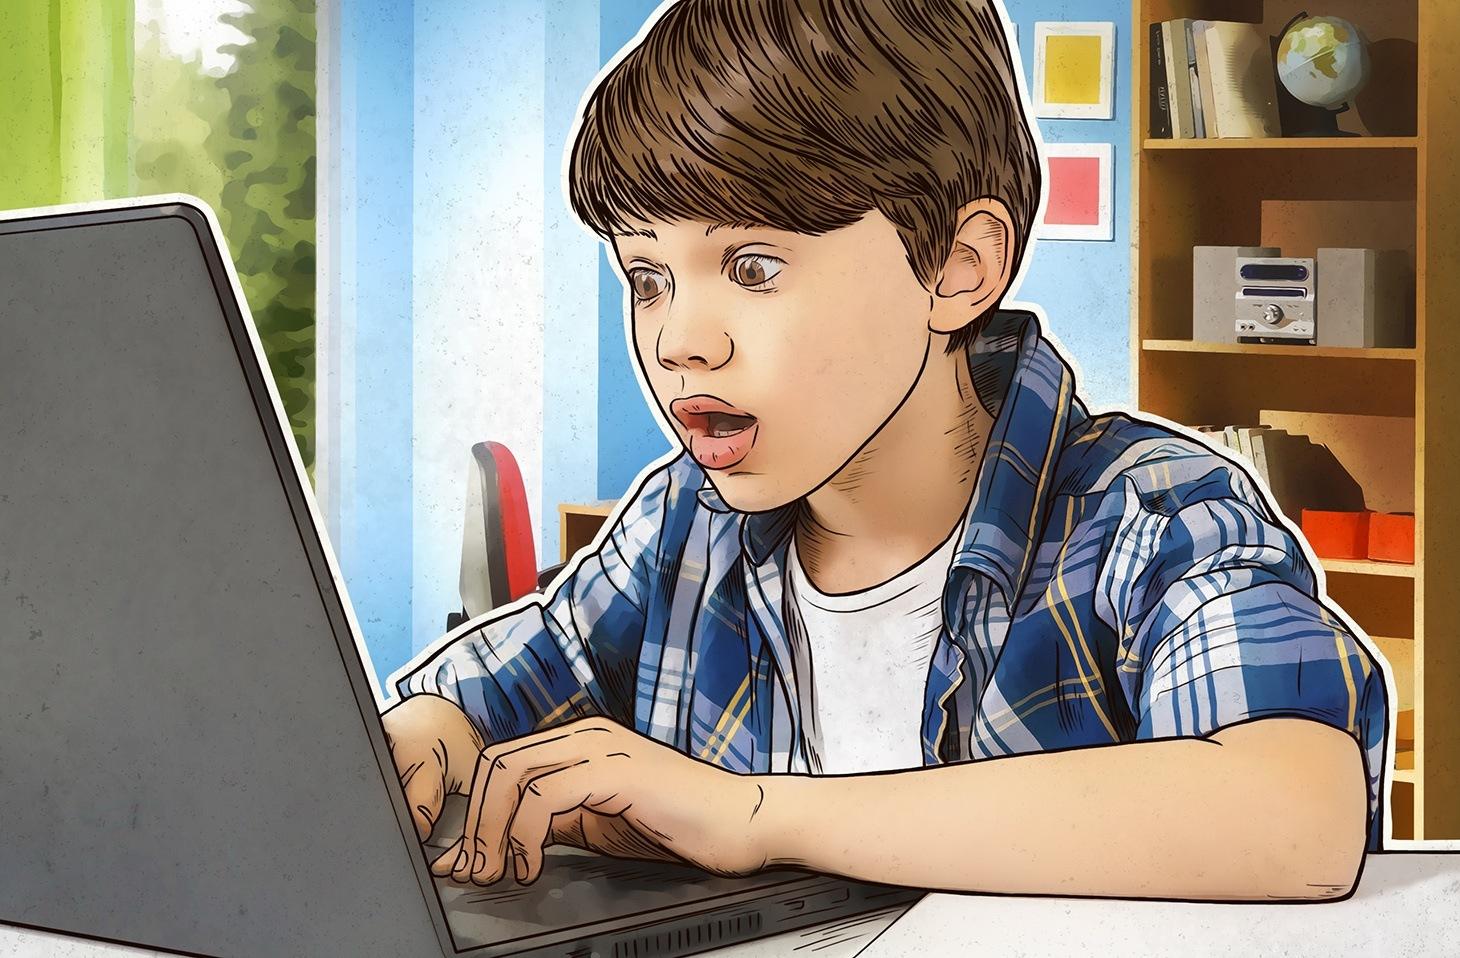 استفاده بیش از حد نوجوانان از فضای مجازی